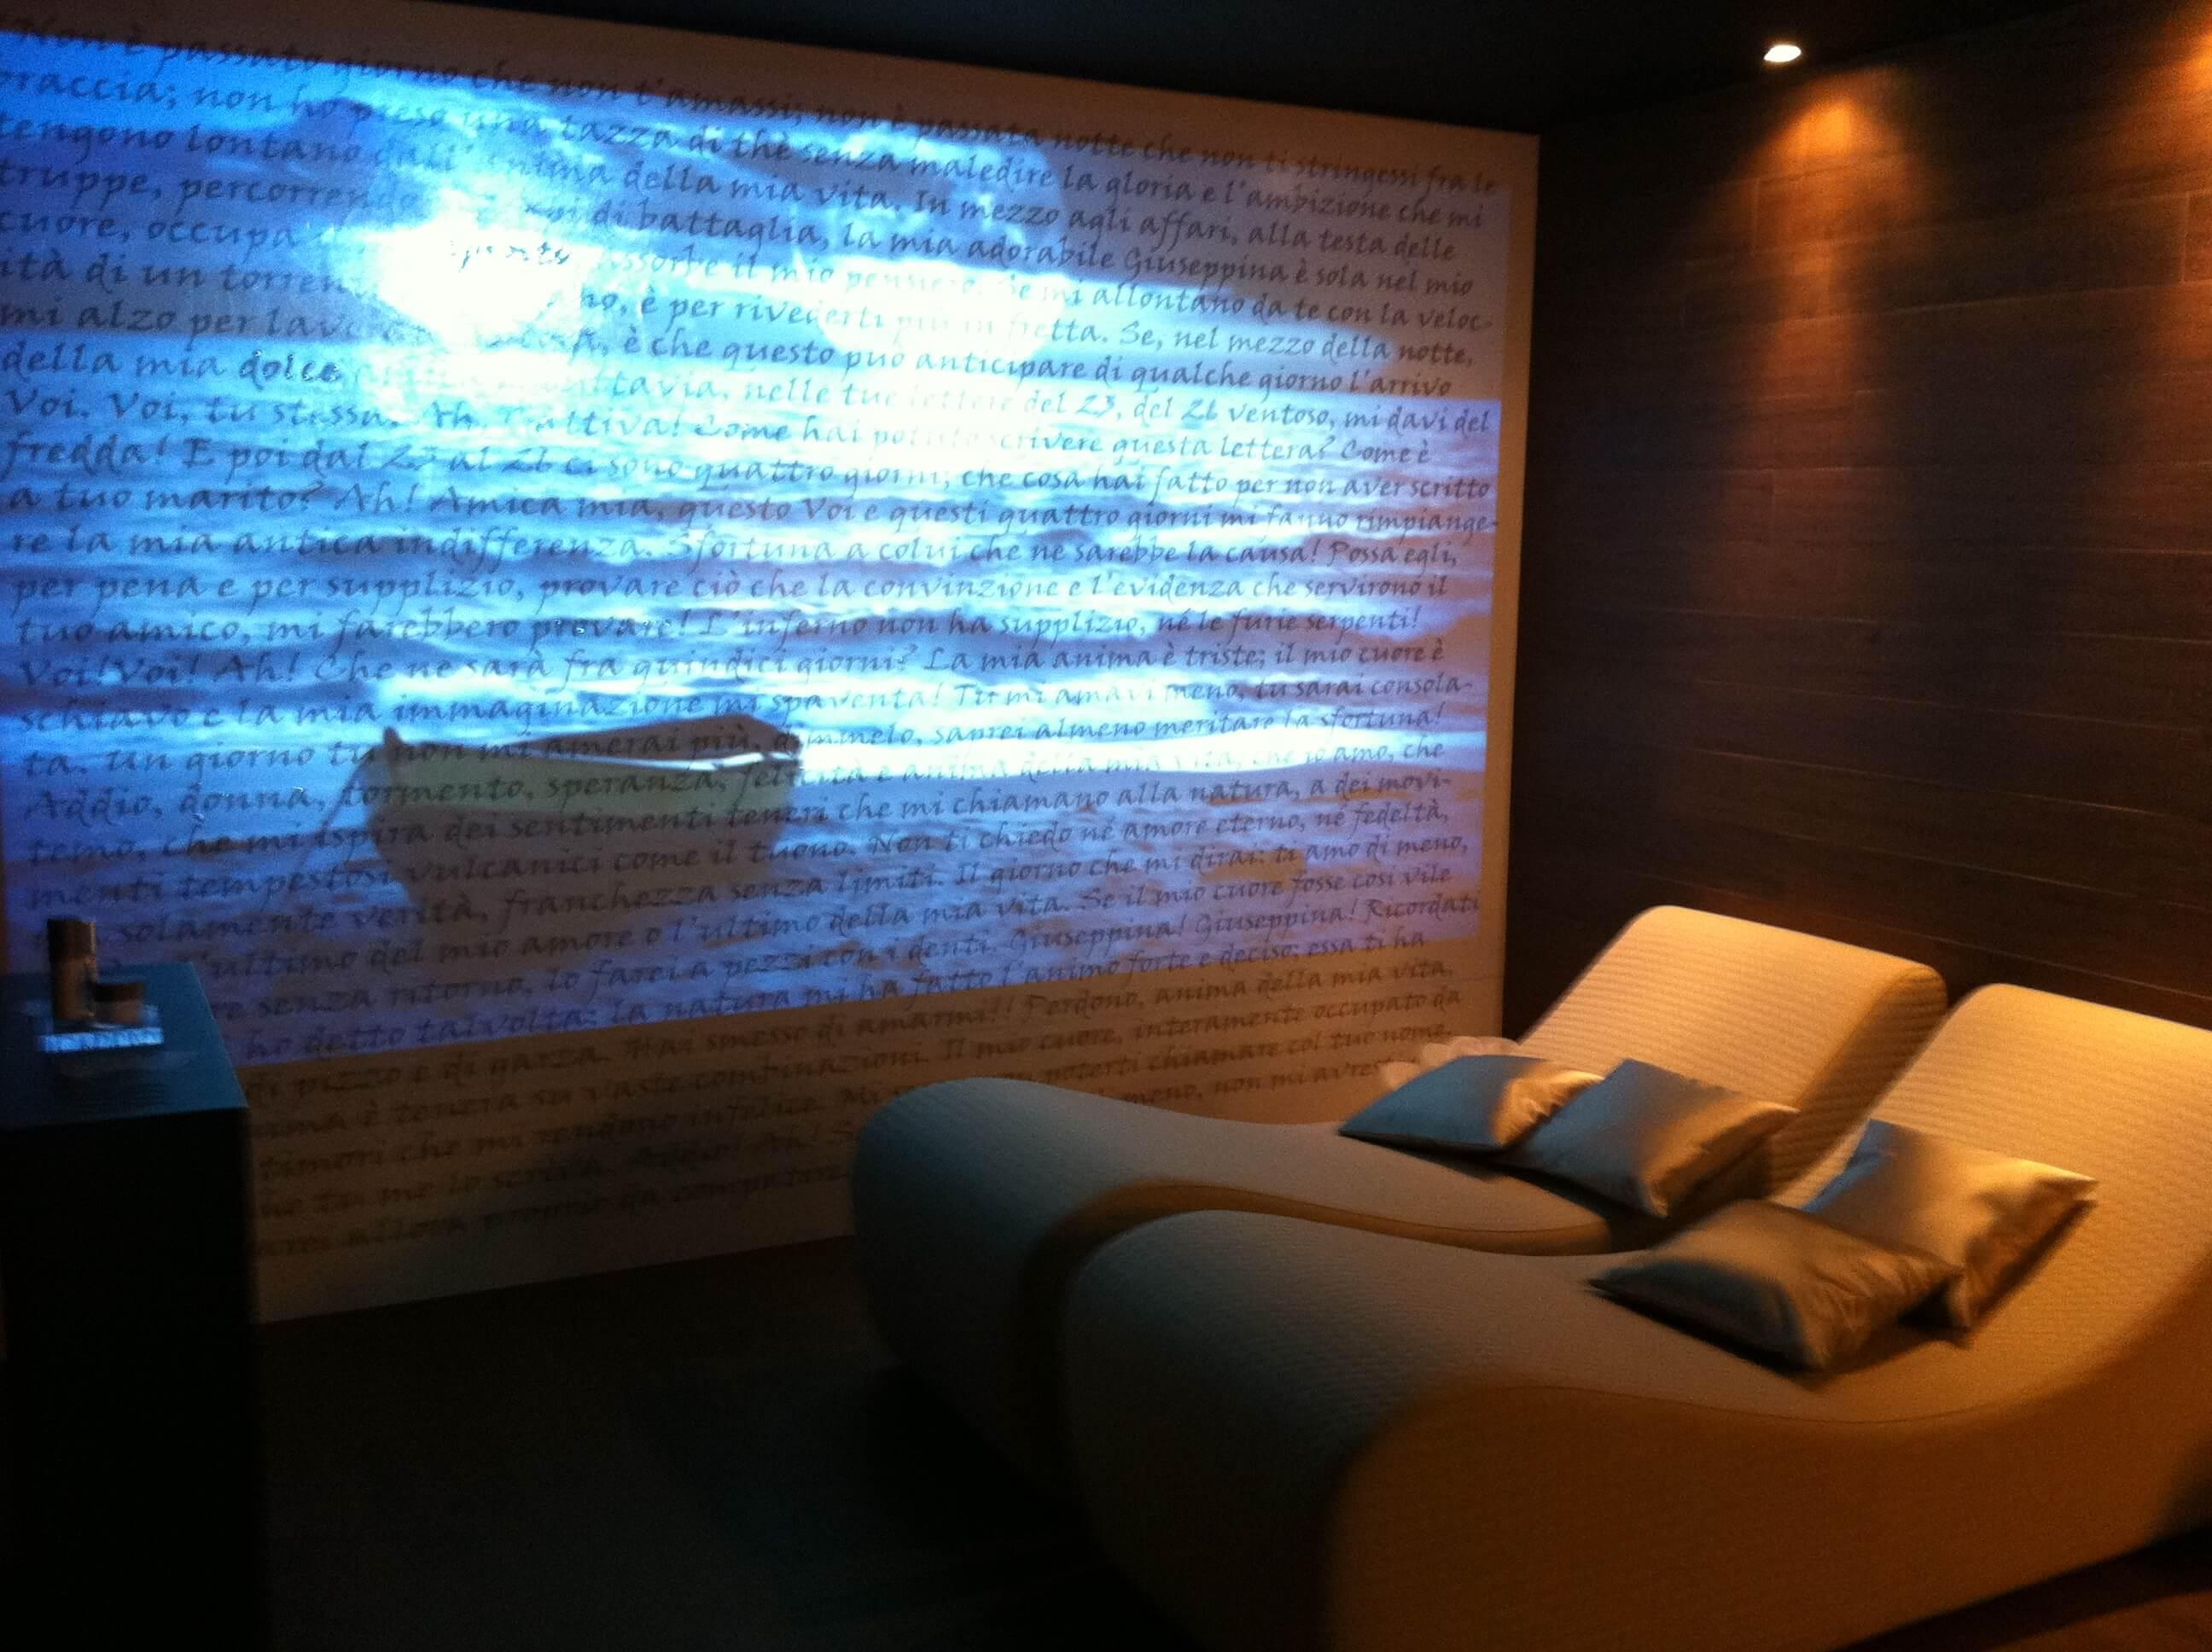 Beim Lichtdesign Planen oder auch der sogenannten Beleuchtung planen ist der Rat eines Experten der Lichtgestaltung, wie vom Licht-Designer Torsten Müller, unersetzlich. Durch seine innovative Methodik beim Raum Gestalten, bei den individuell zugeschnittenen Kombinationen aus Natürlichkeit und exklusiven Materialien von einer ersten Vision im virtuellen 3D Planer erschaffen werden, entstehen einzigartige Wohlfühloasen. Selbst eine kleine Innenarchitektur wird durch sorgfältig ausgewählte Farben und durch professionellen Einsatz von Lichtelementen bei der Lichtgestaltung den Raum zu einem luxuriösen Lifestyle Design machen.